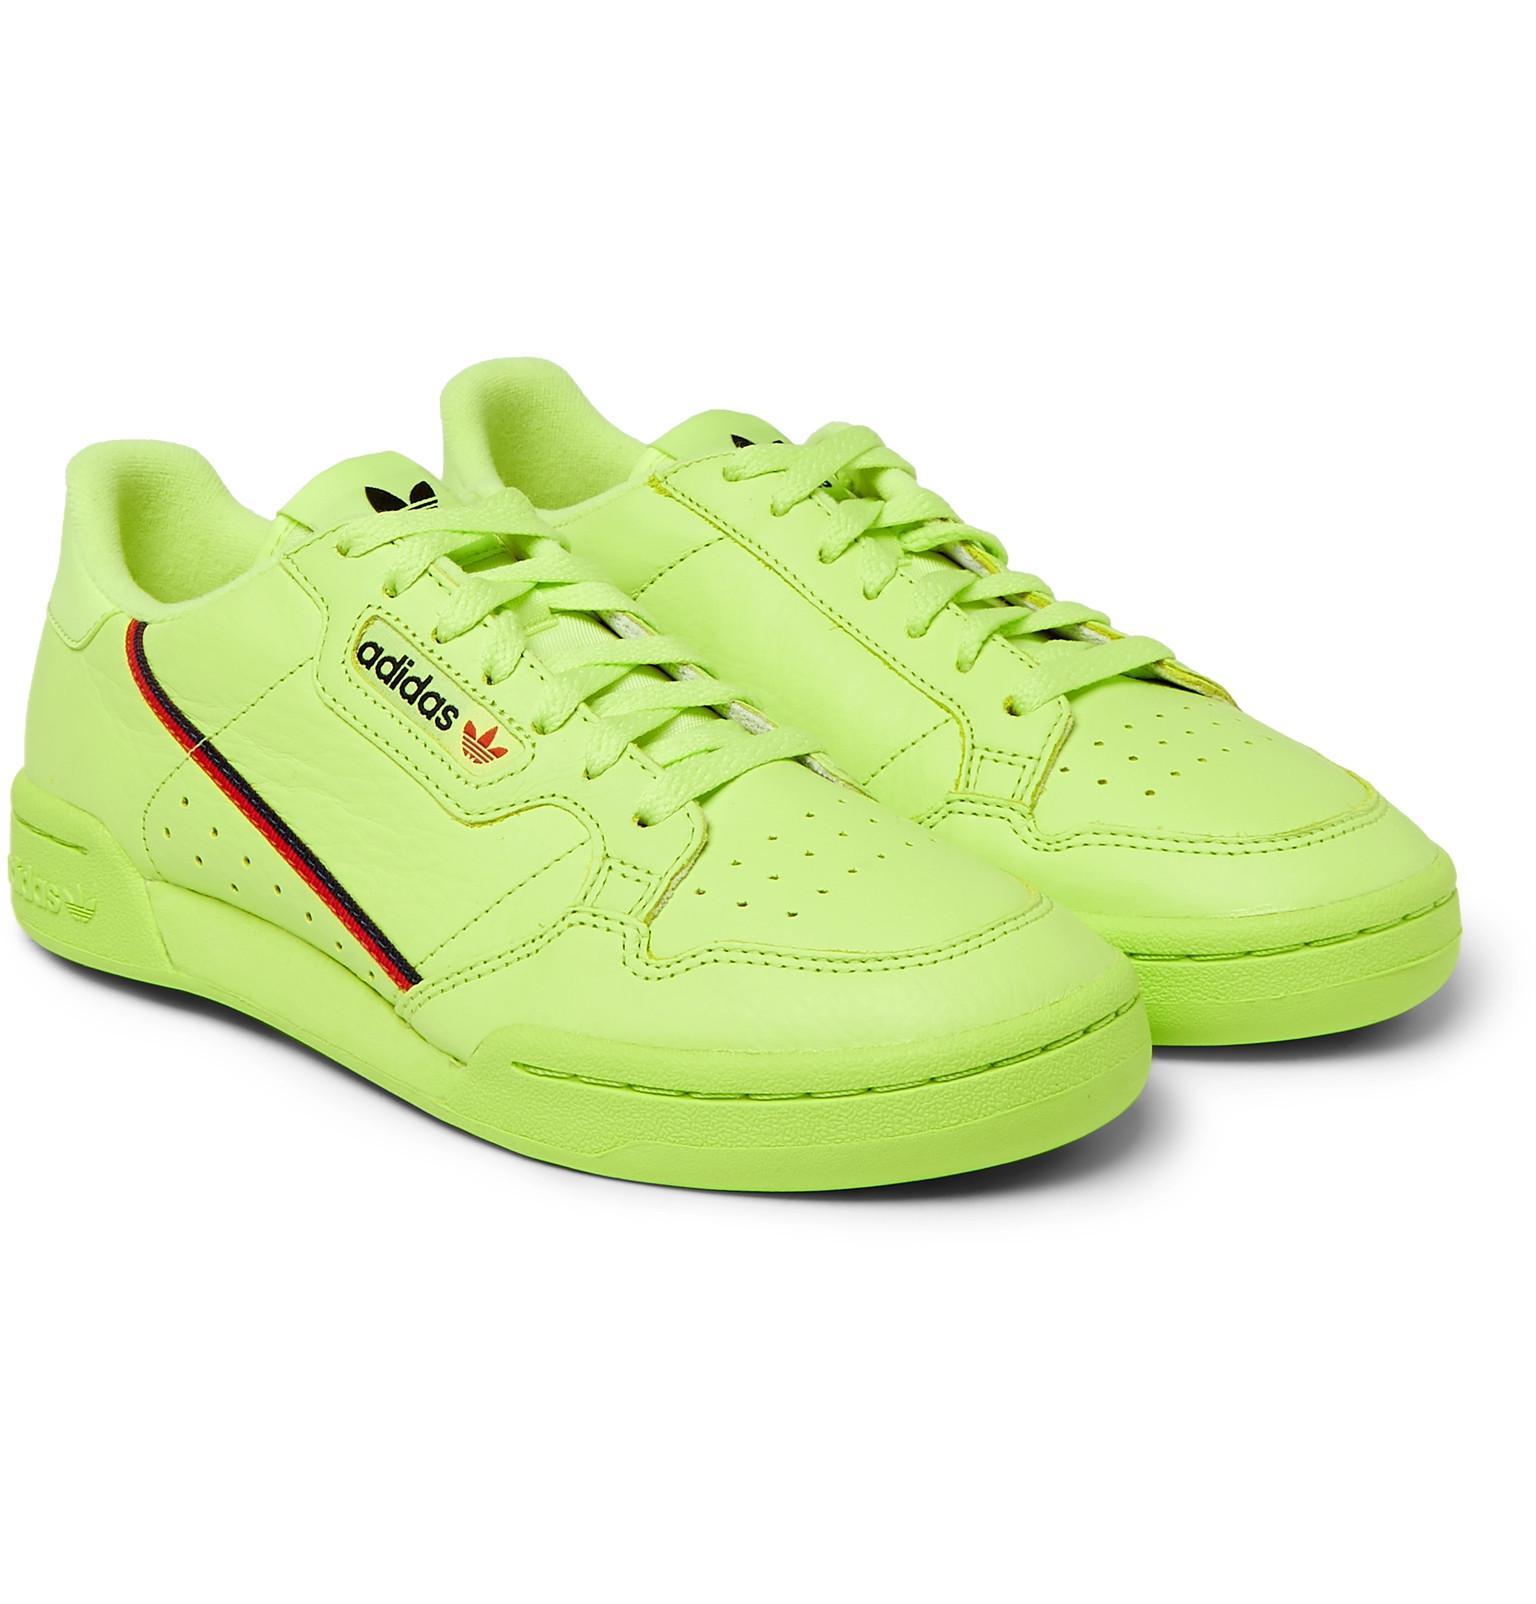 newest 4b8ca debc7 adidas Originals. Mens Green Continental 80 ...